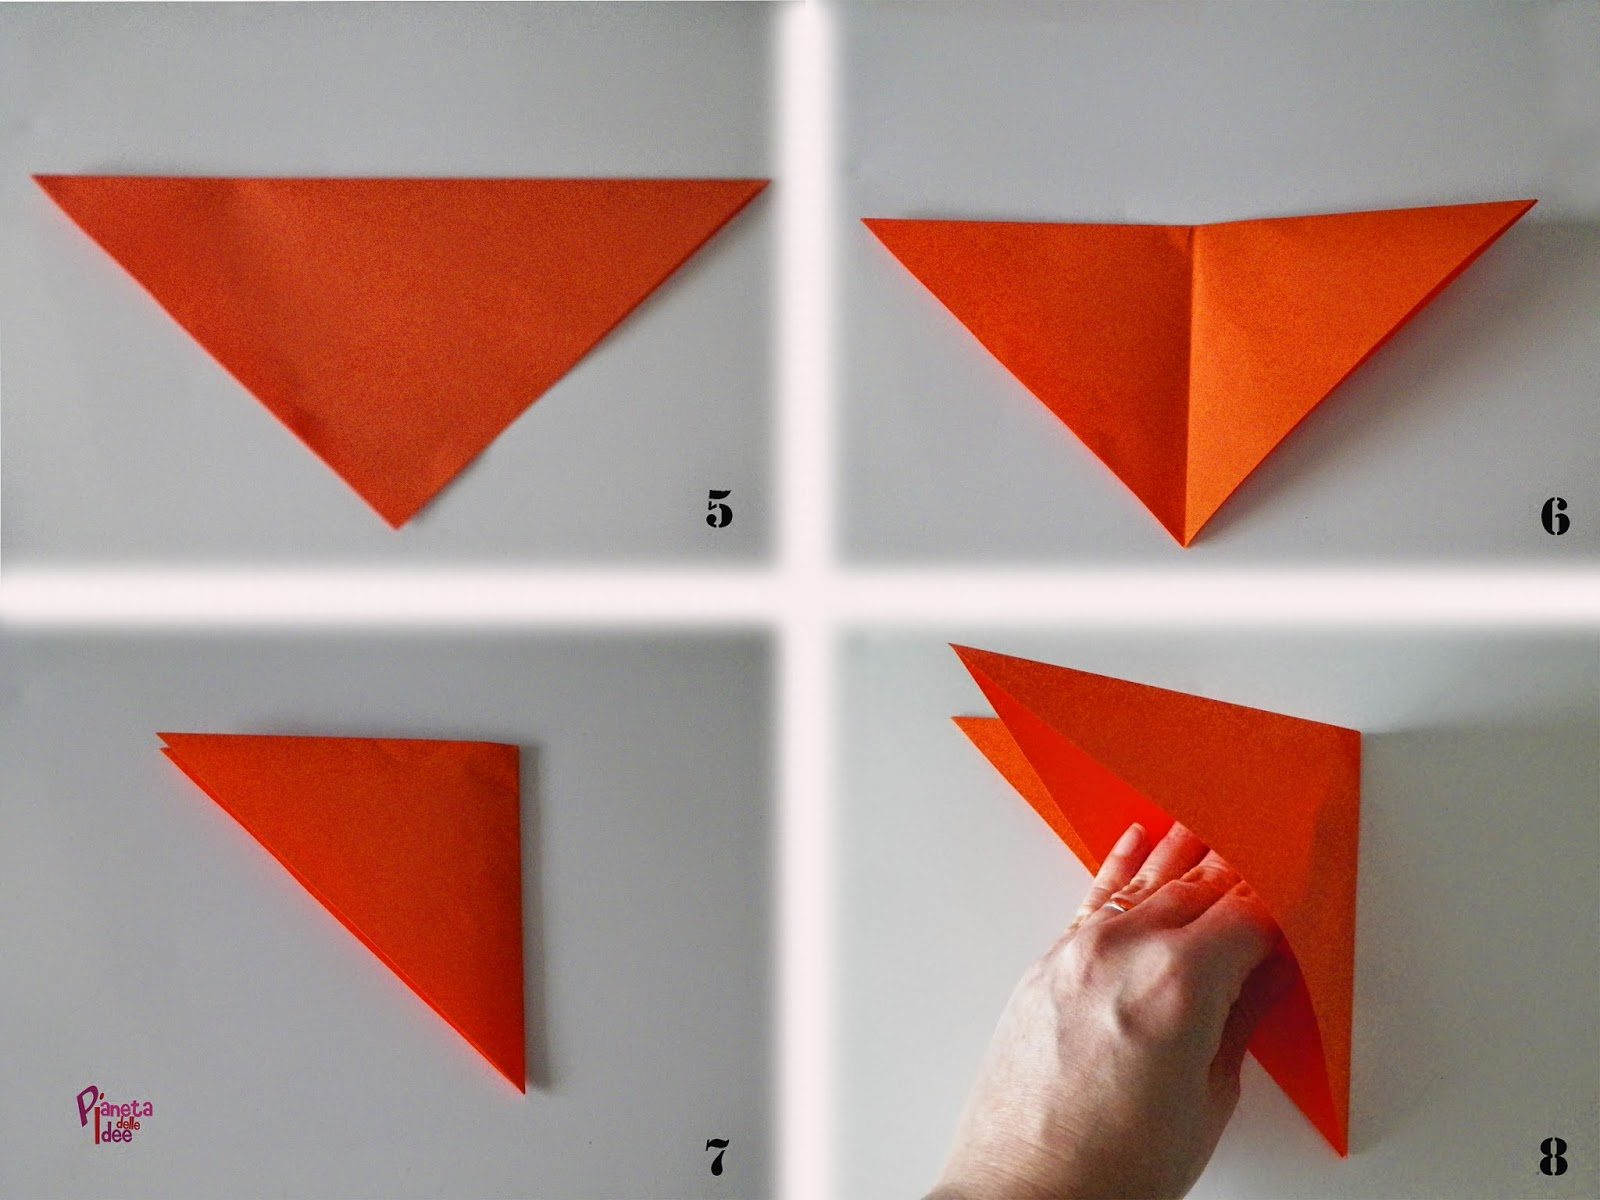 Zucca di carta origami pianeta delle idee - Si possono portare passeggeri con il foglio rosa ...